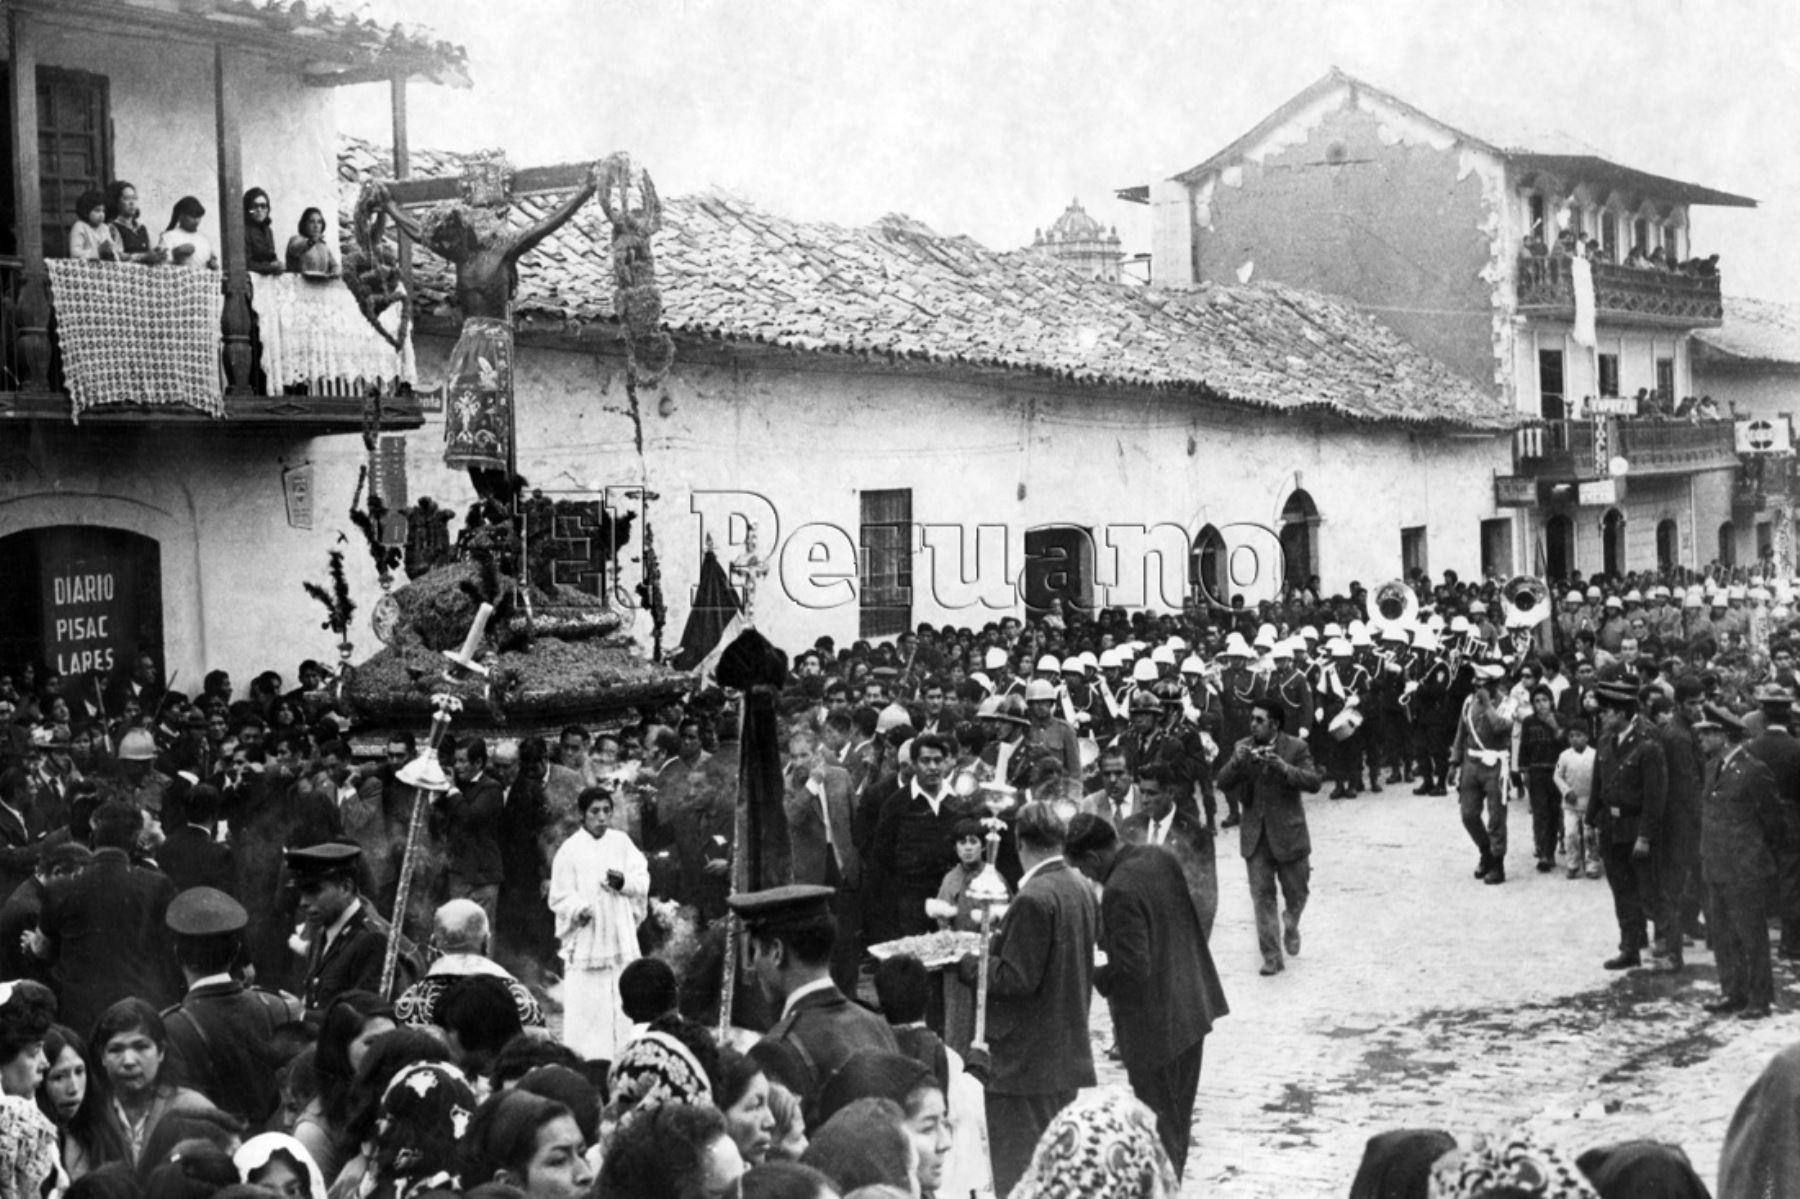 Celebración de la Semana Santa en Cusco. Foto del Señor de los Temblores que data de 1984.